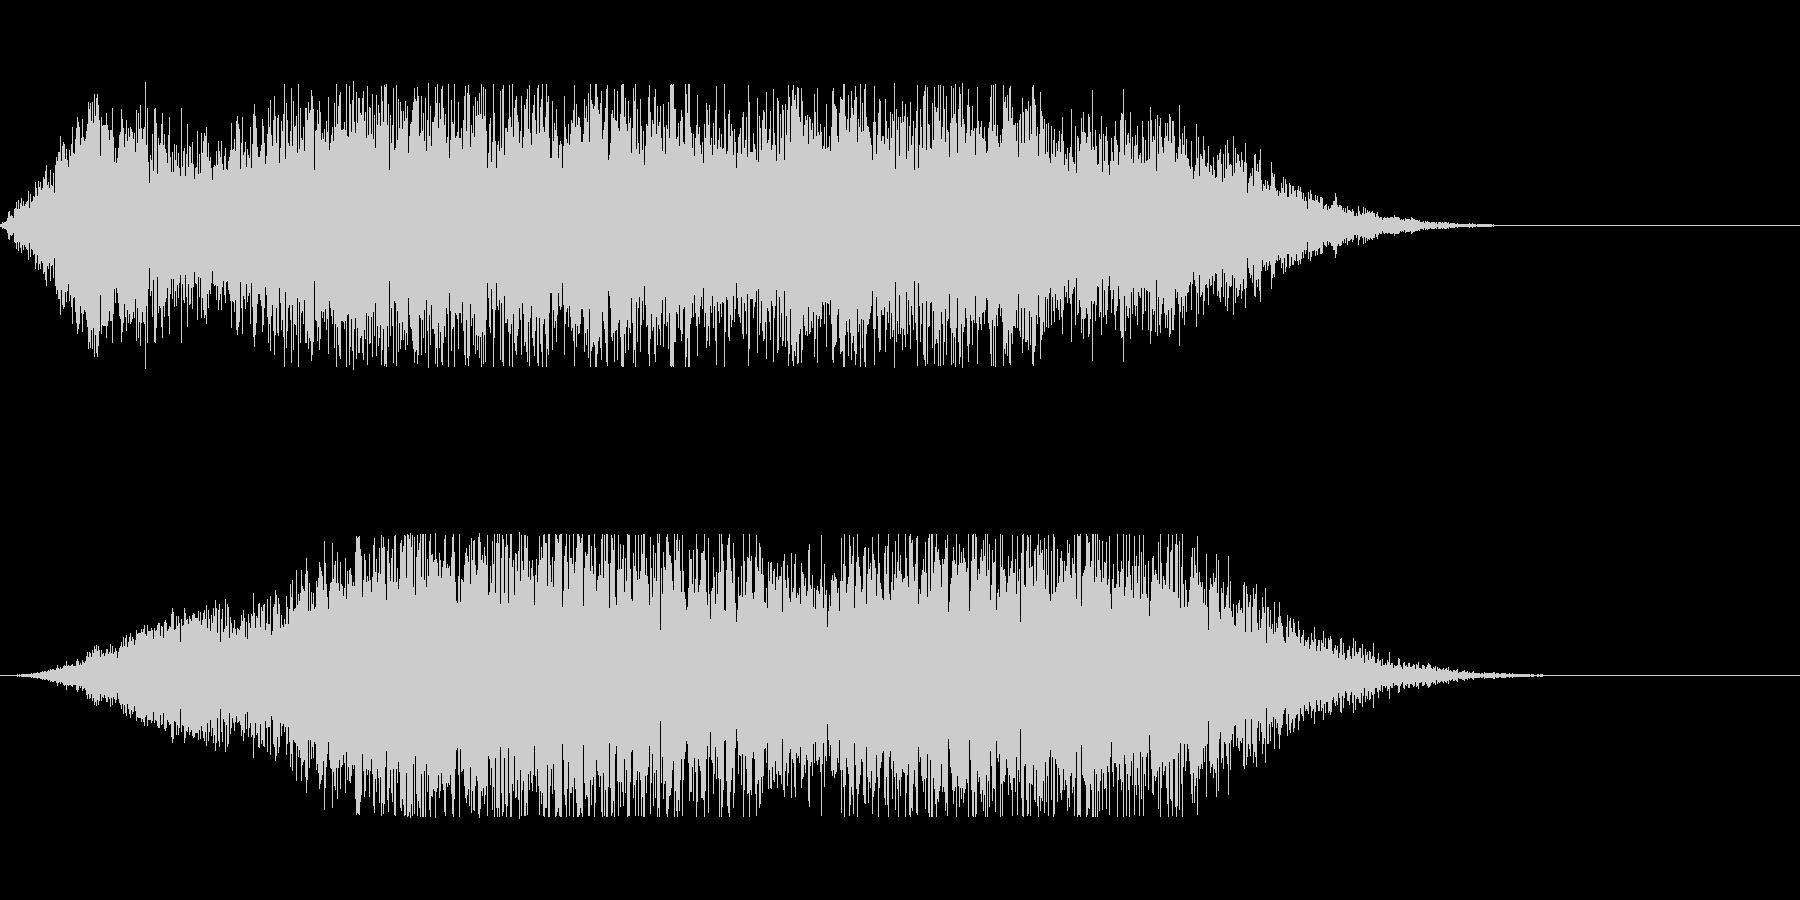 サーキットの背景音にの未再生の波形